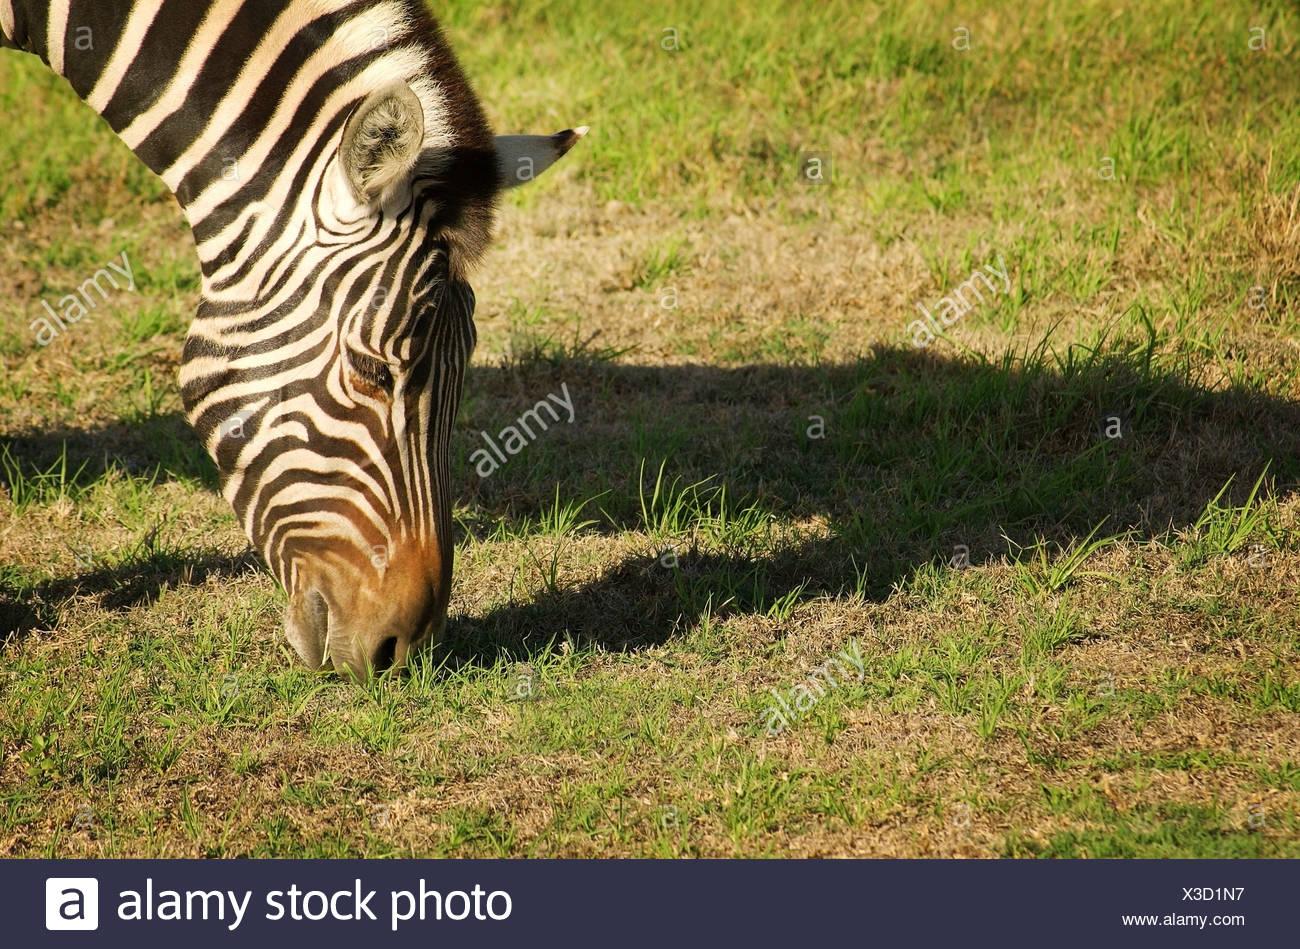 Zebra eating grass - Stock Image